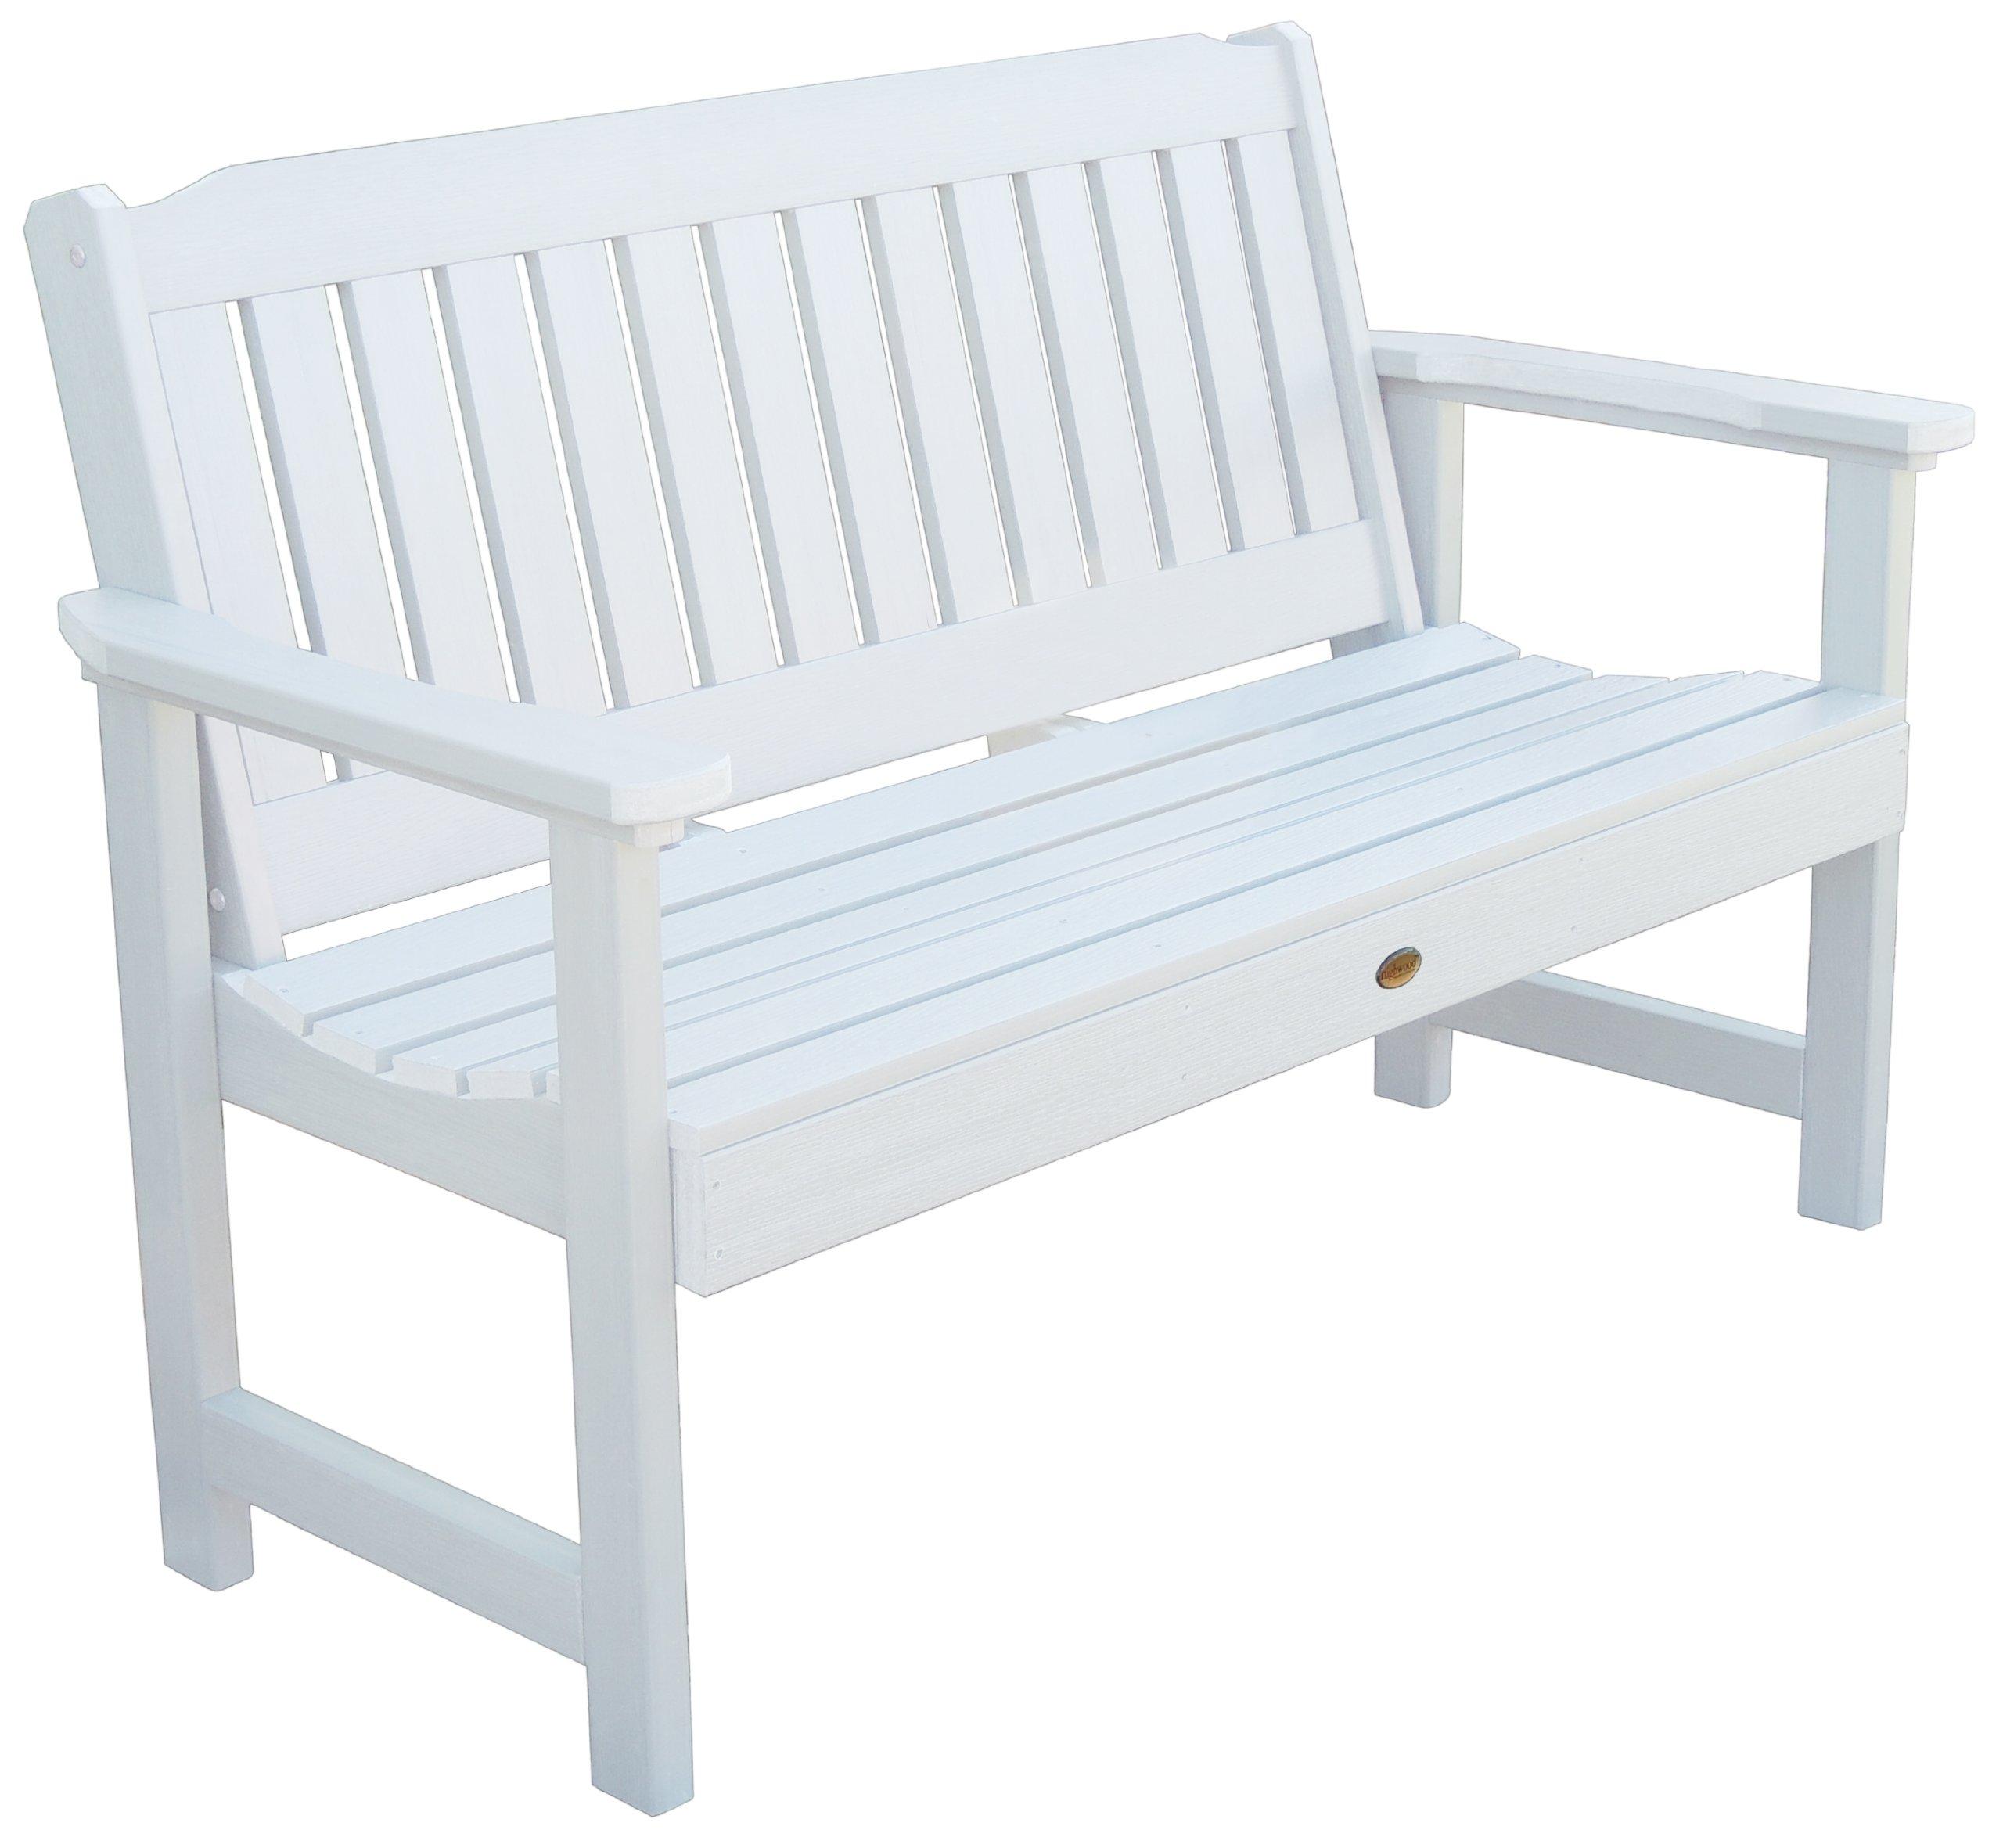 Highwood Lehigh Garden Bench, 4 Feet, White